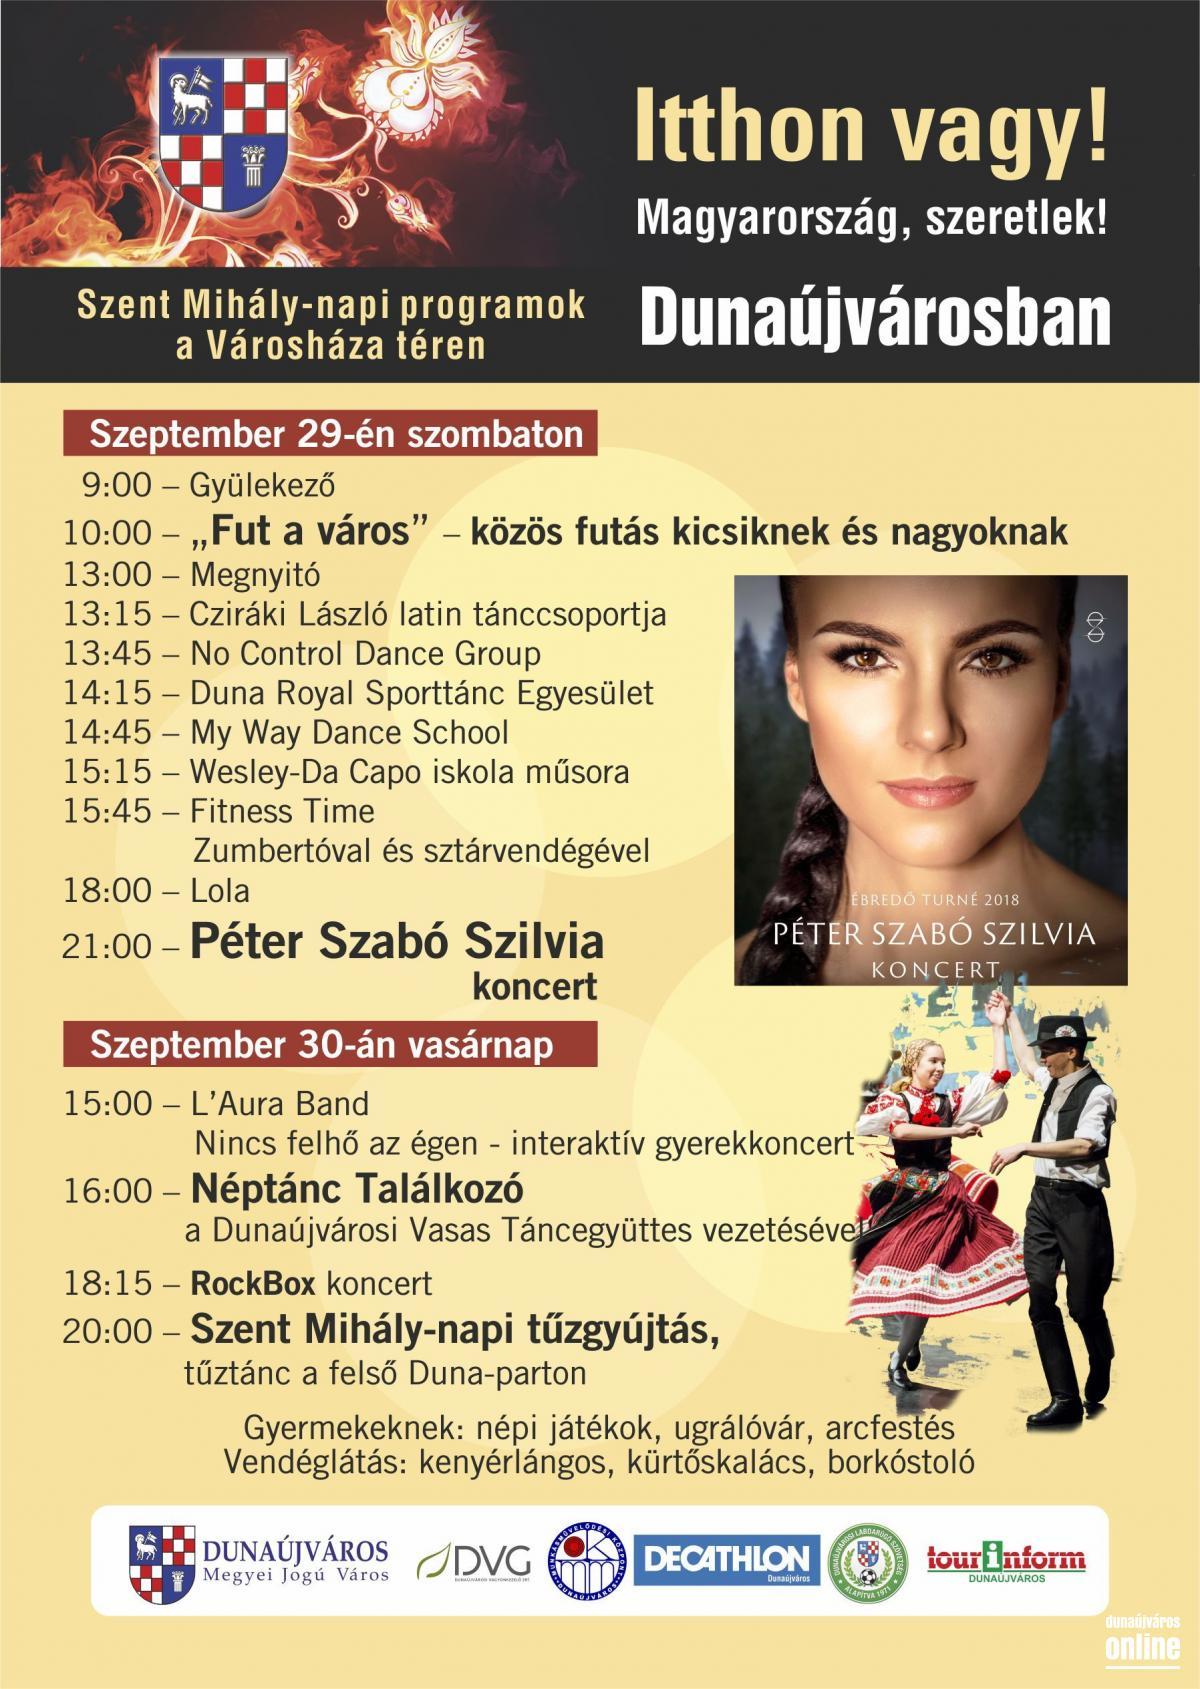 d29ca6cb33 Itthon vagy! Magyarország, szeretlek! | Dunaújváros Online